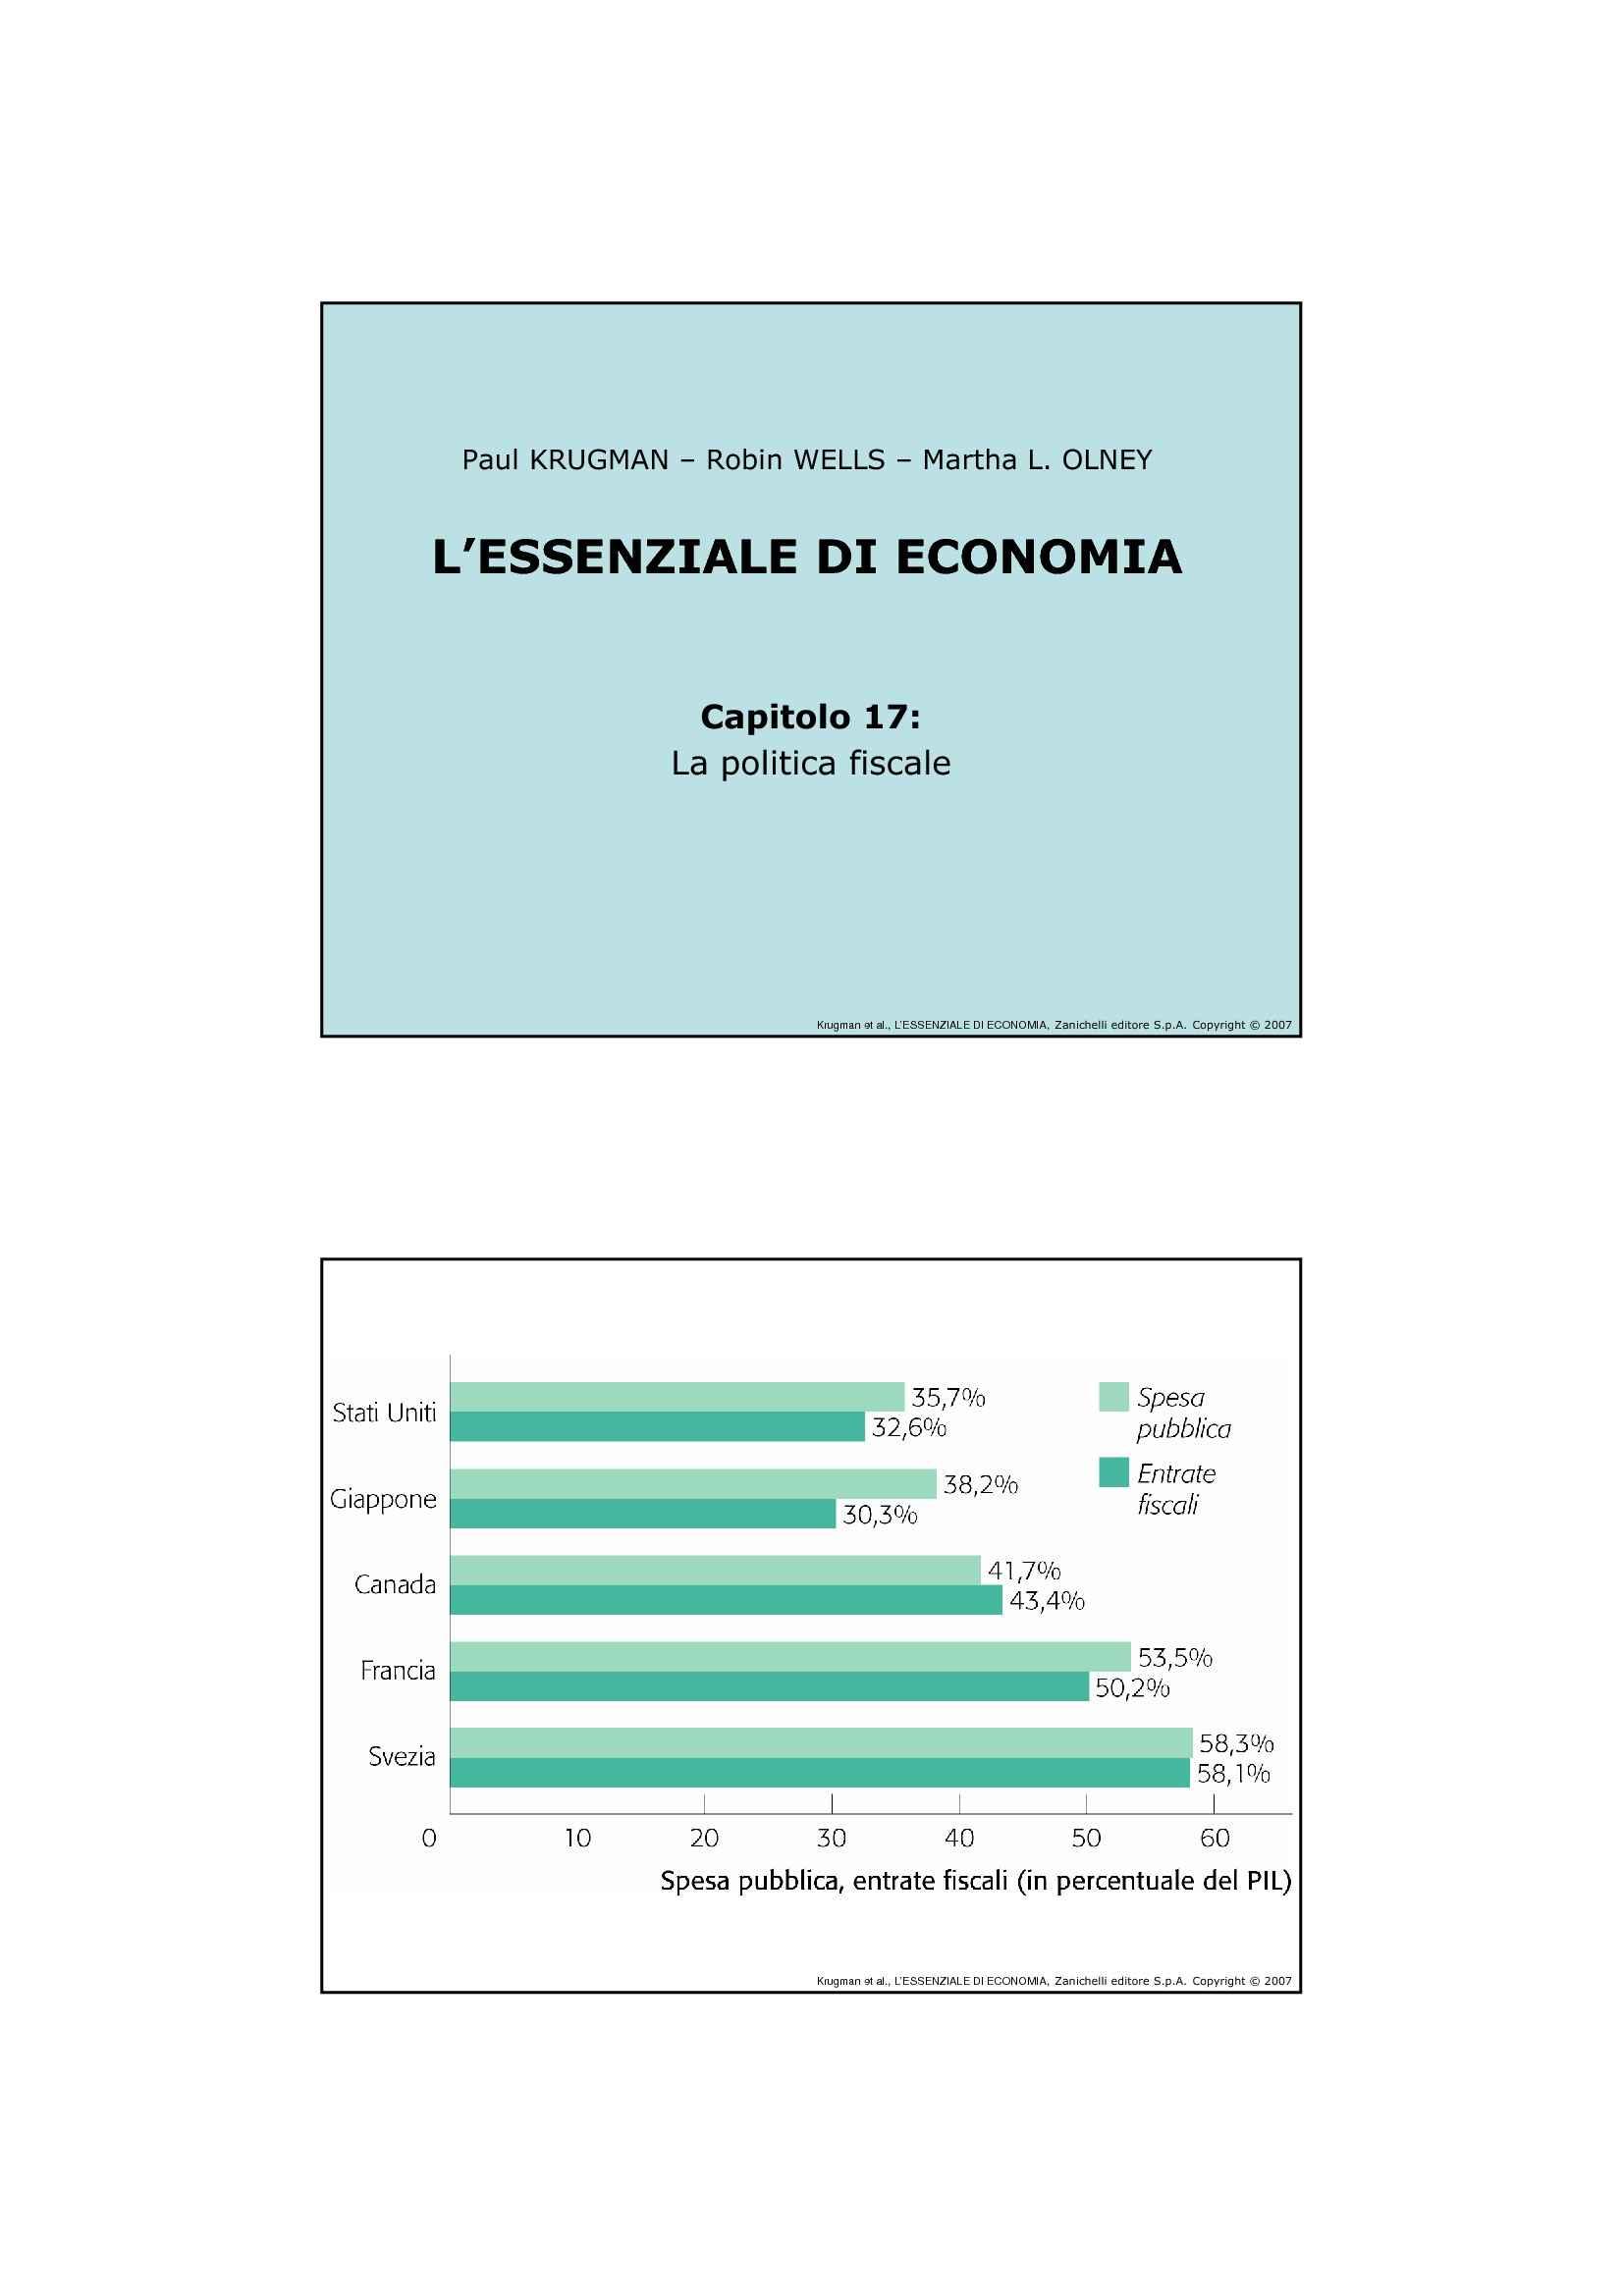 Politica fiscale, spesa pubblica e debito